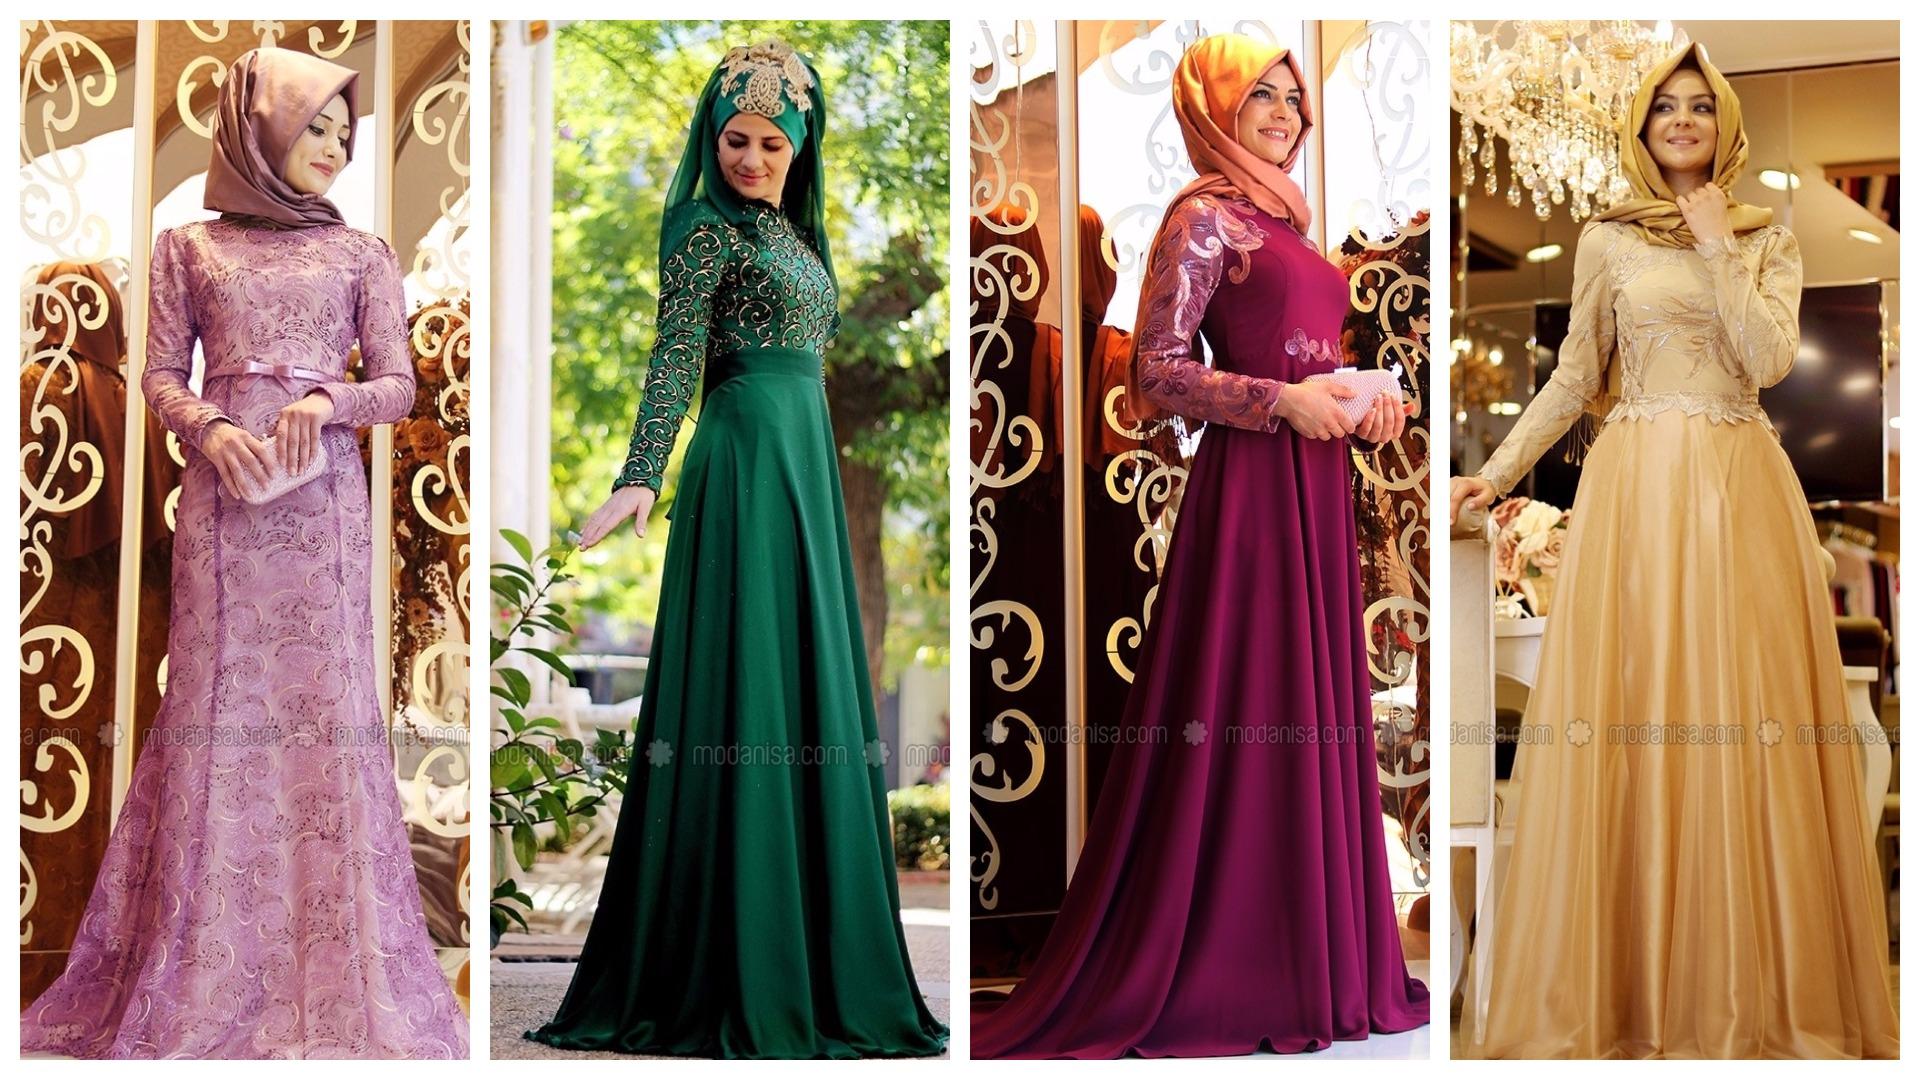 صورة لبس محجبات , ملابس عصرية للسيدات